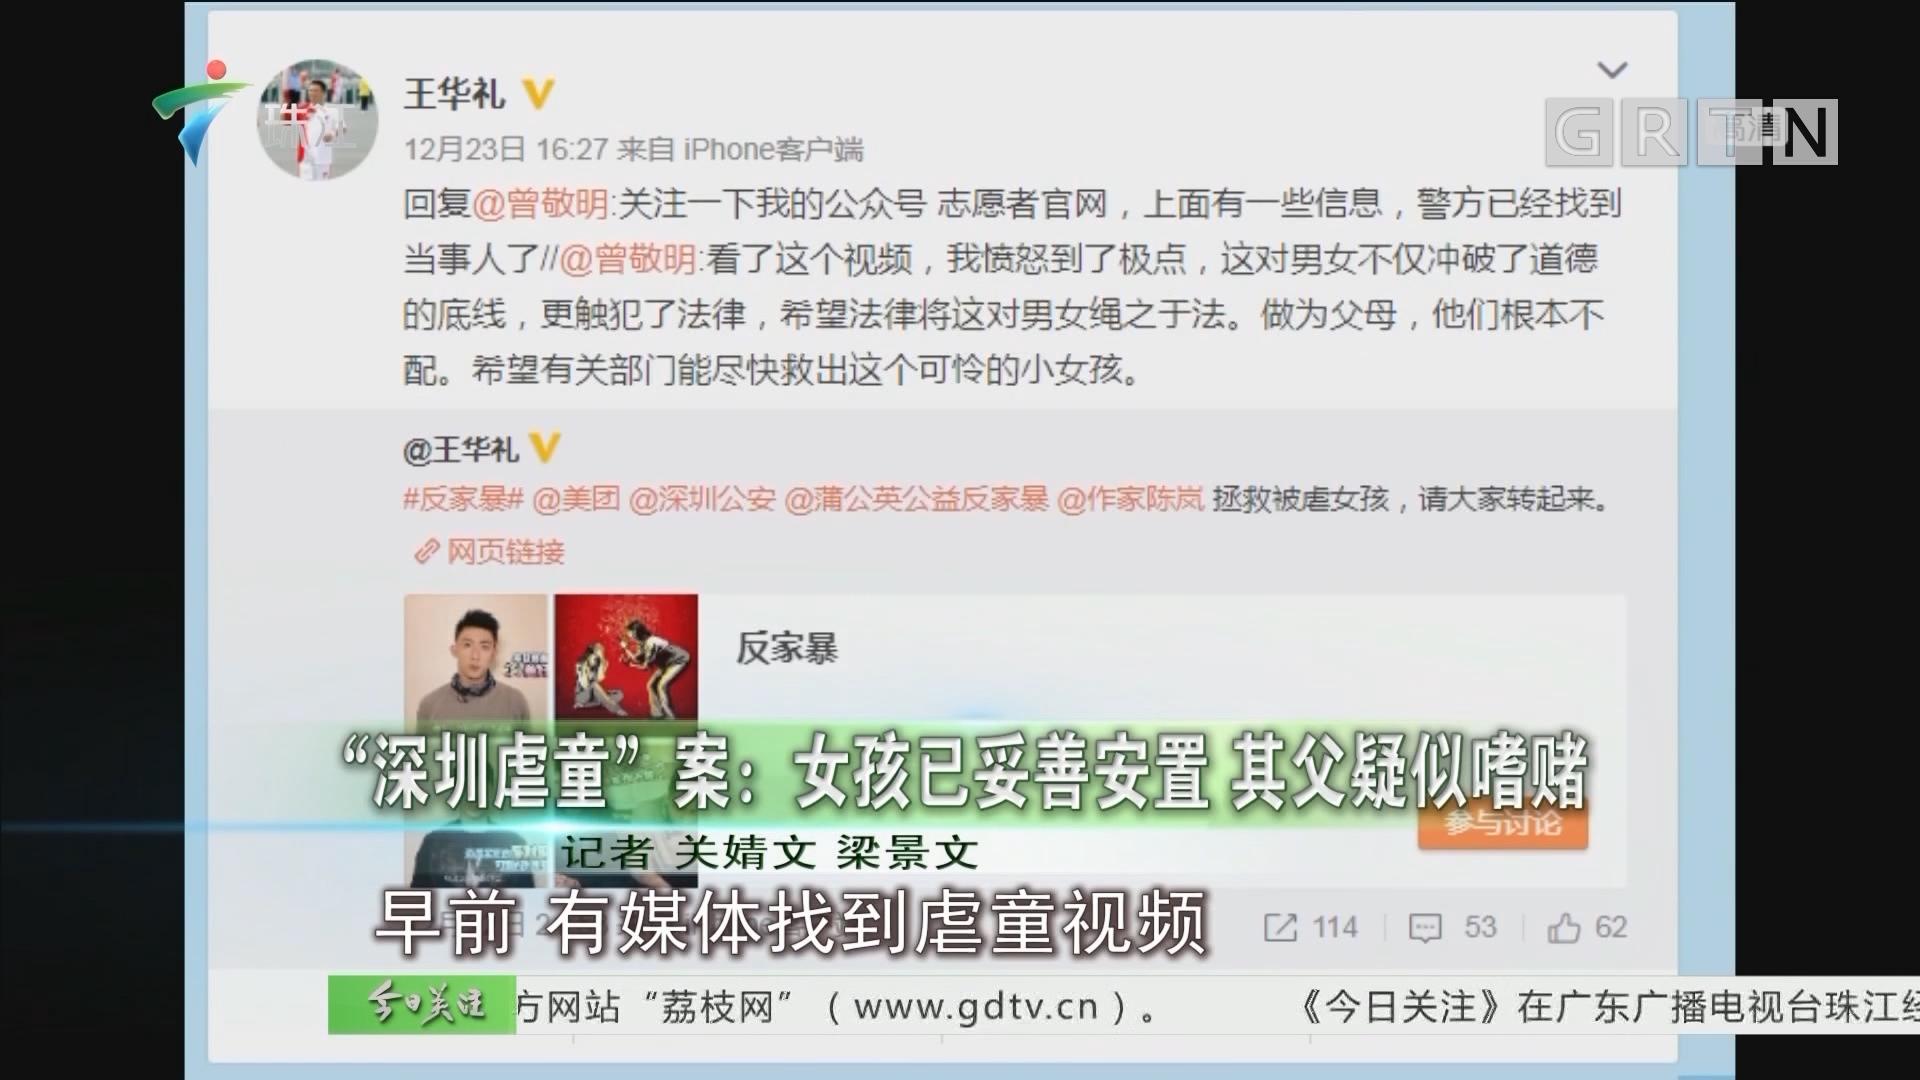 """""""深圳虐童""""案:女孩已妥善安置 其父疑似嗜赌"""